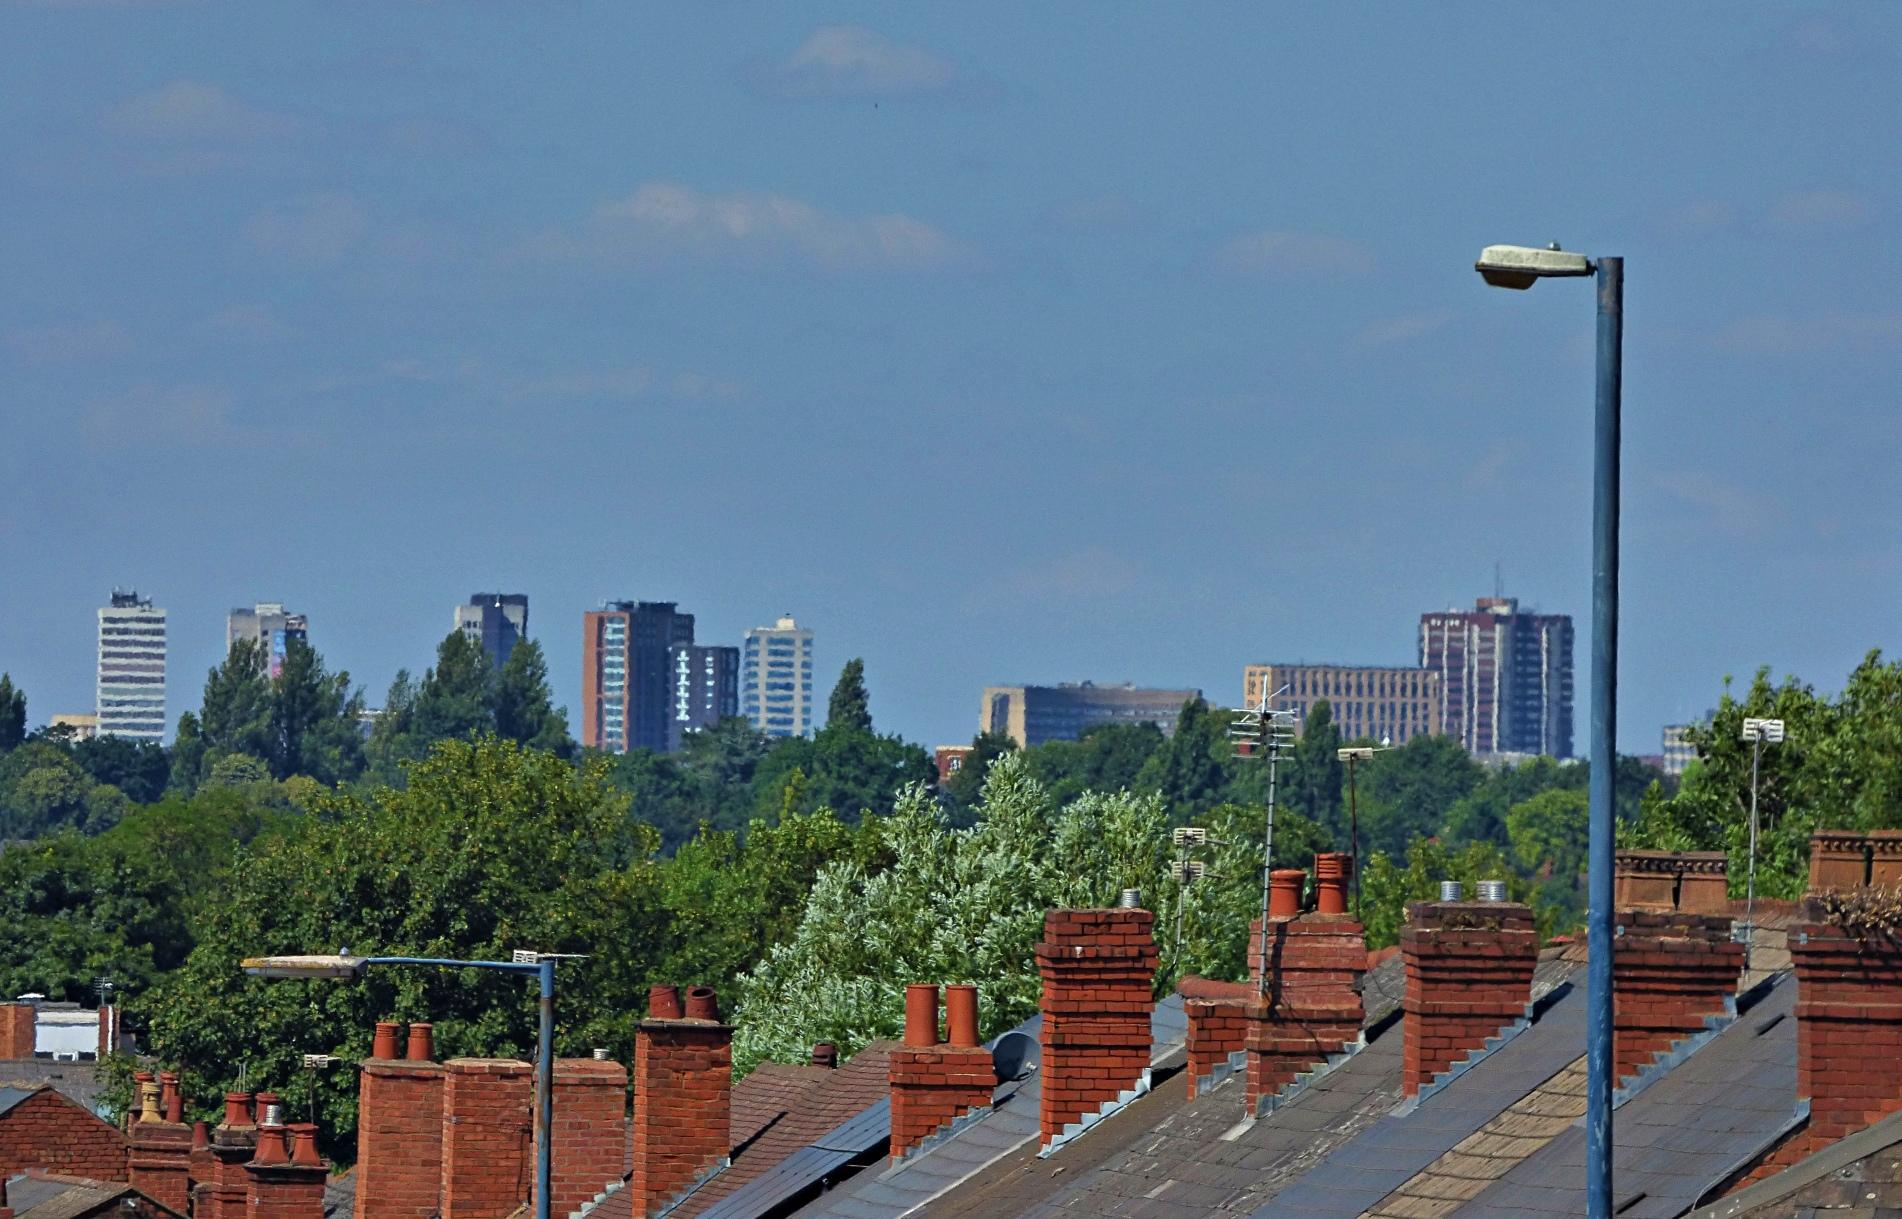 Stirchley, Birmingham